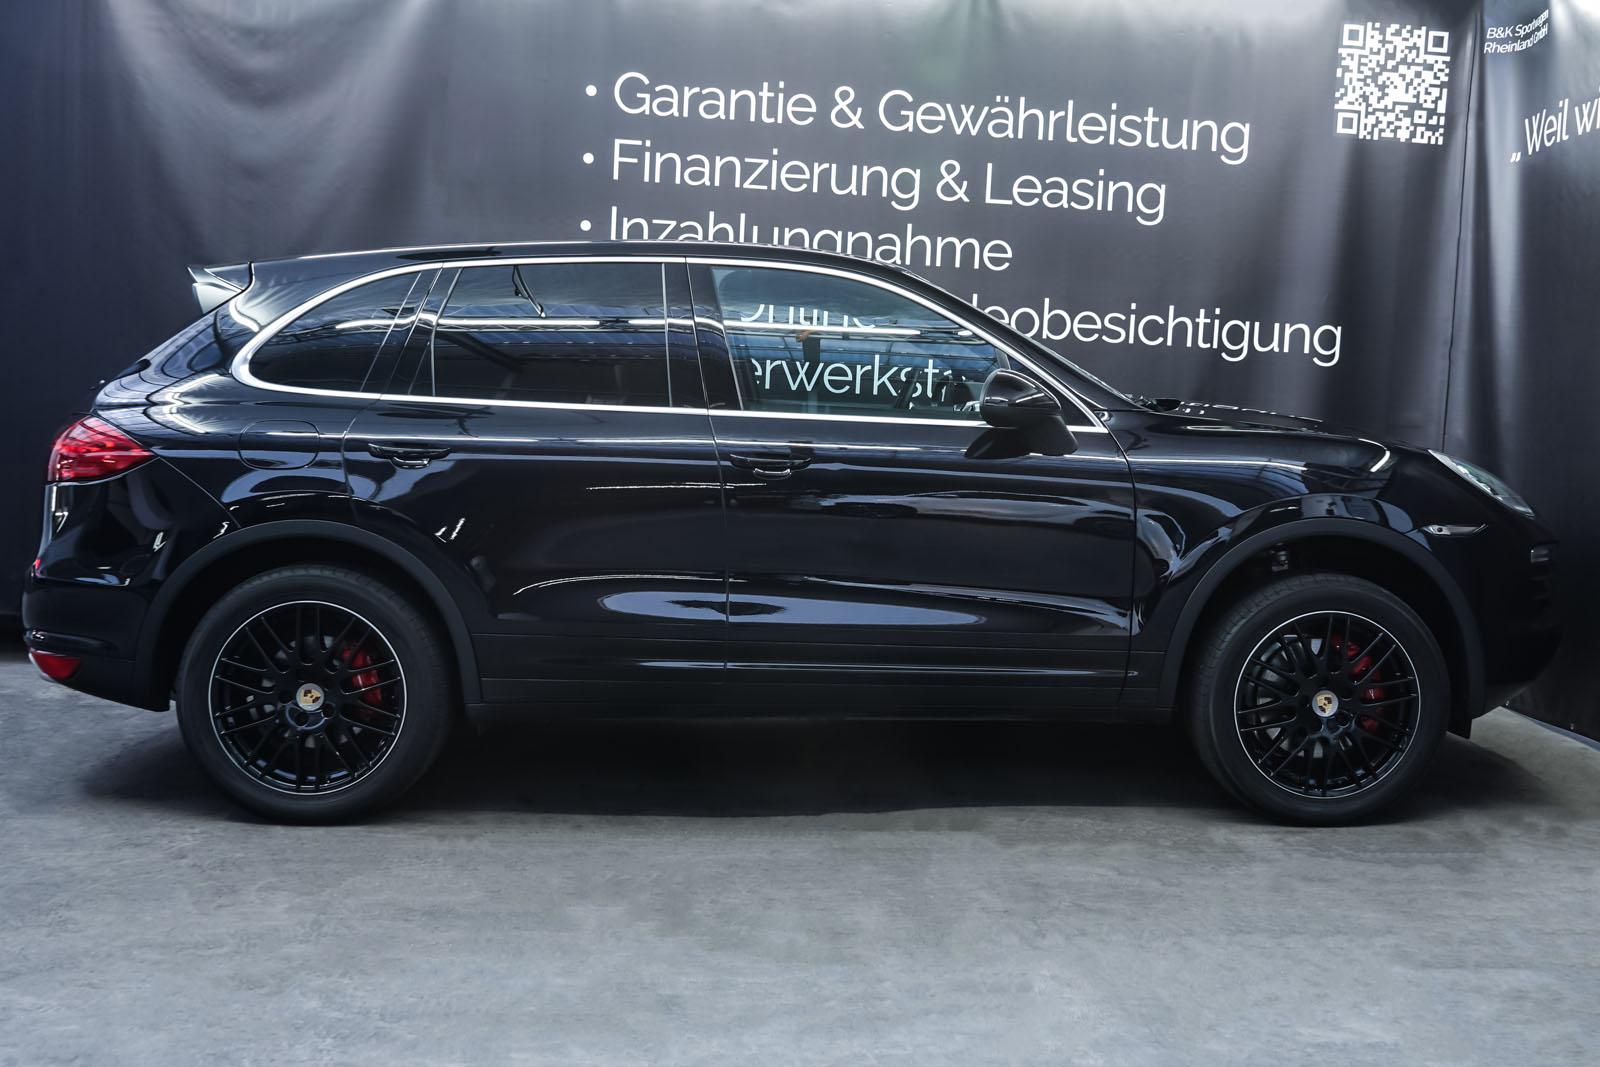 Porsche_CayenneS_Schwarz_Schwarz_POR-2086_16_w